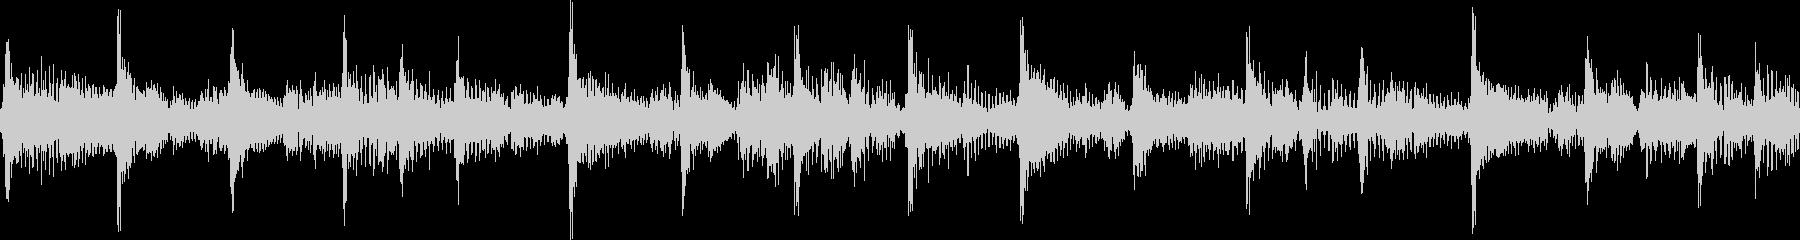 ファンキーで軽快なジングル_ループの未再生の波形